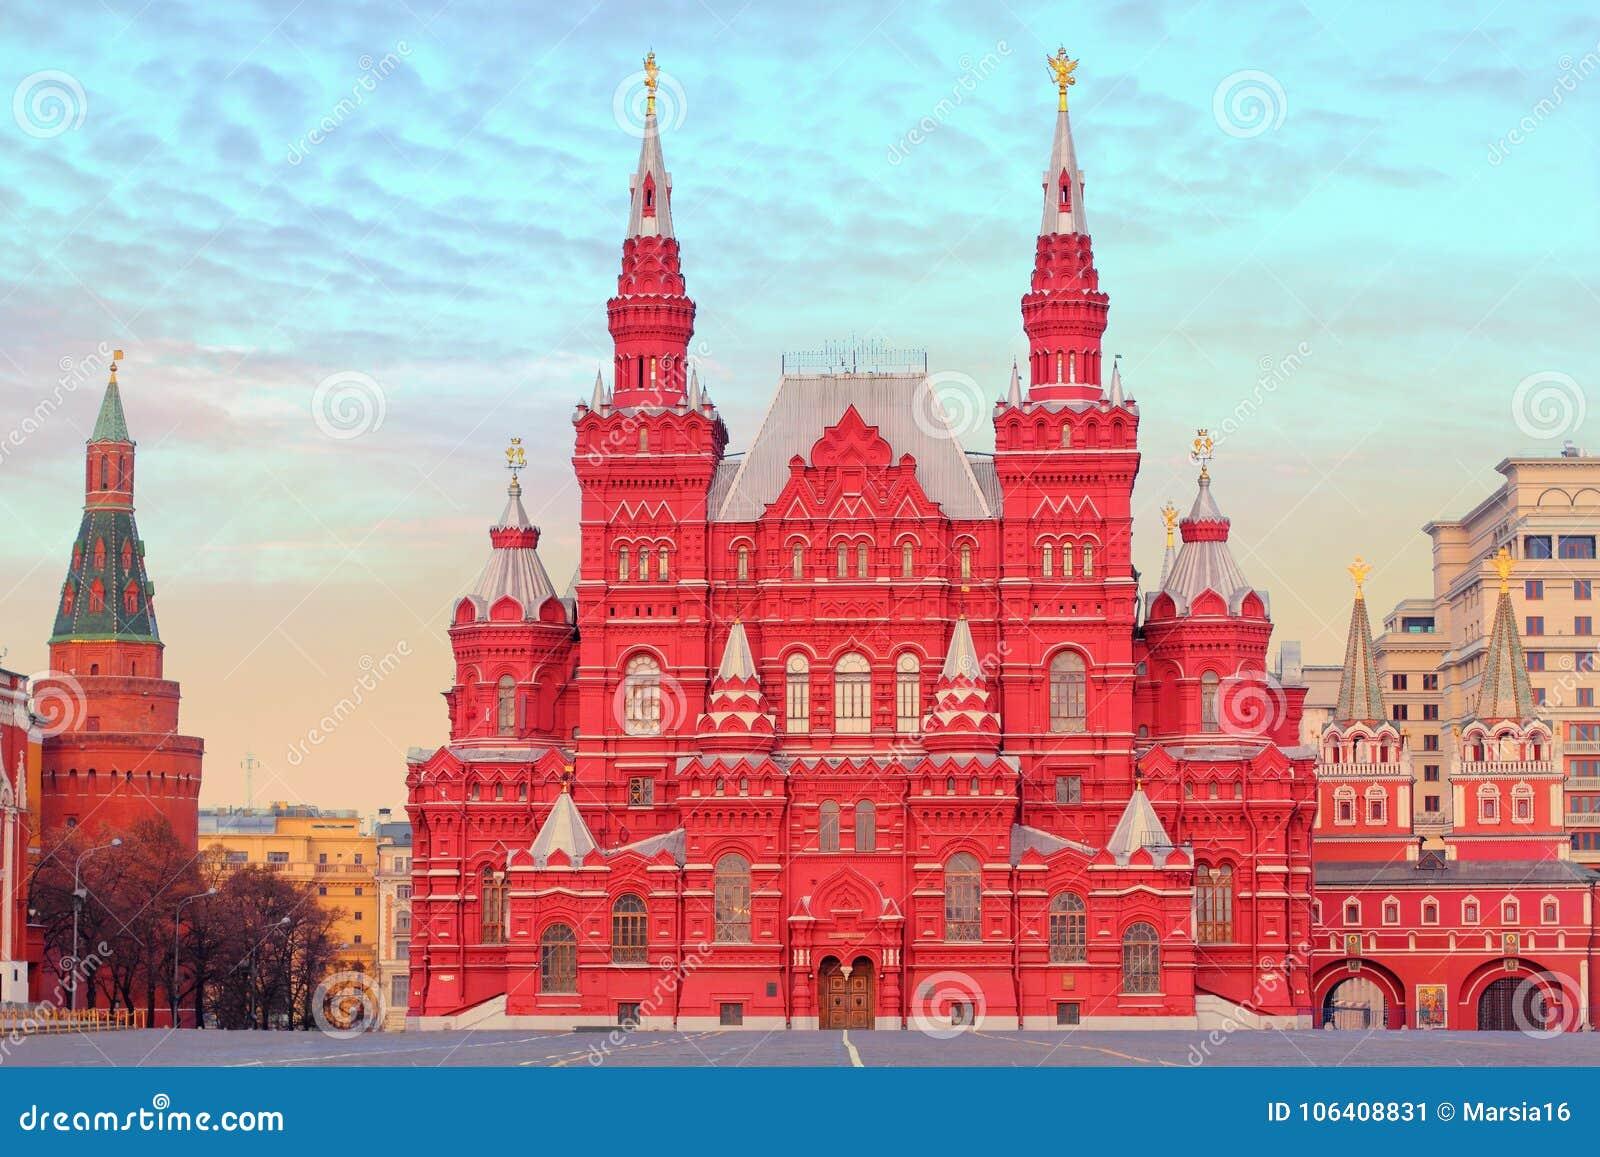 Κρατικό ιστορικό μουσείο στη Μόσχα, Ρωσία